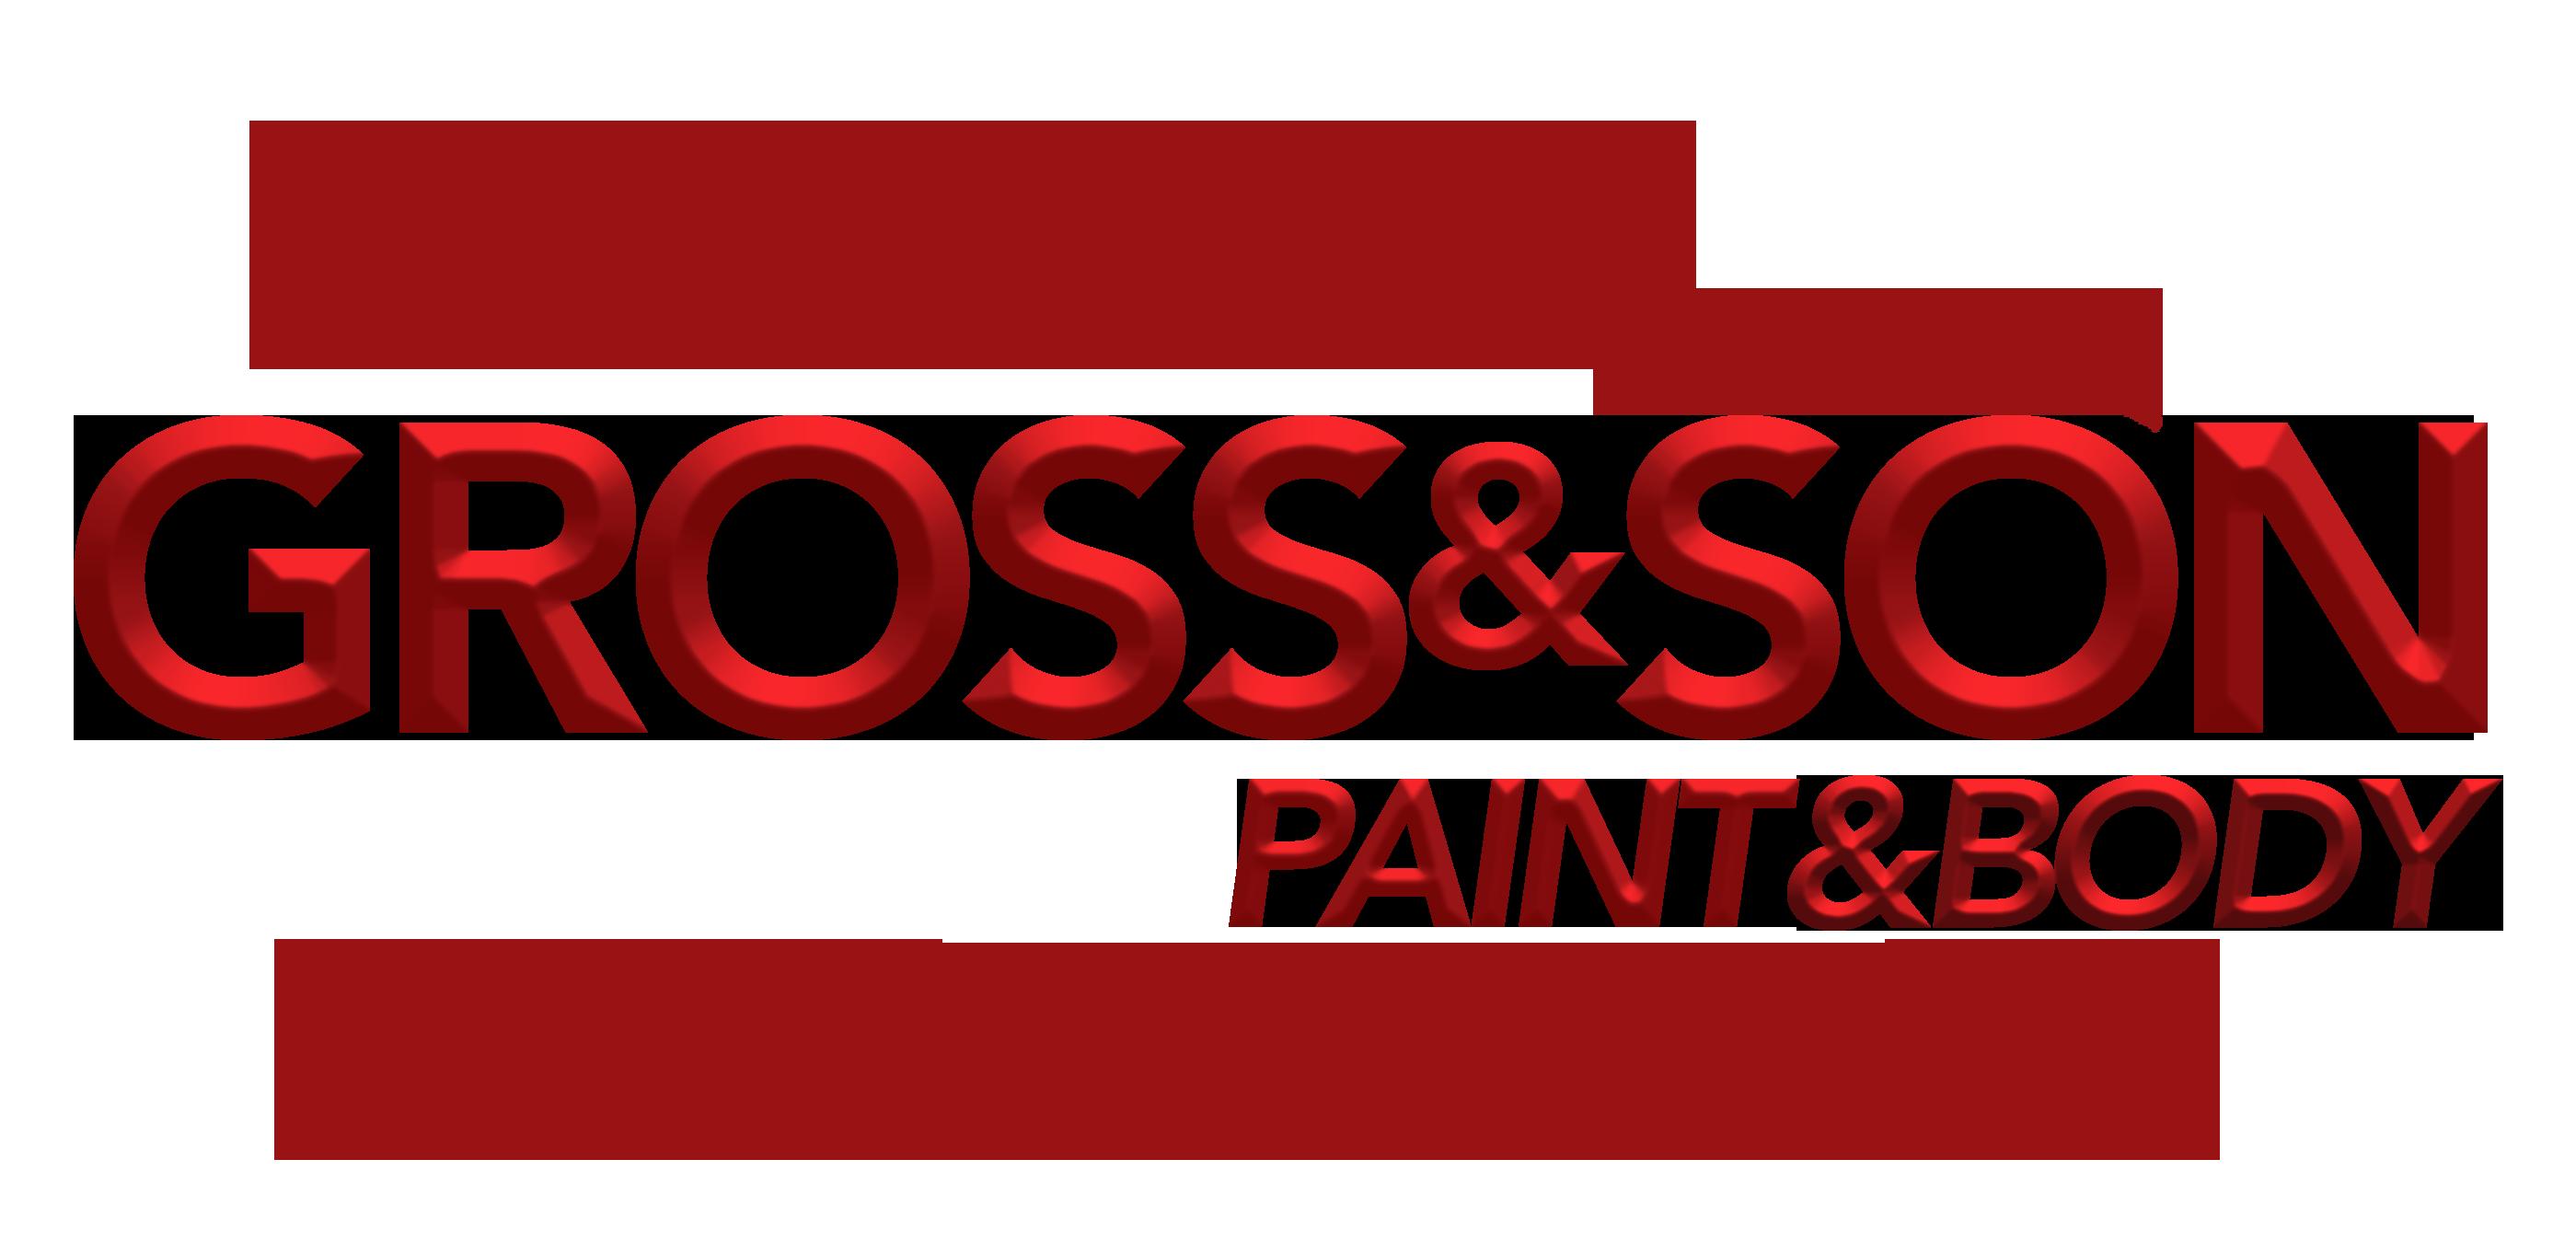 Gross & Son_logo New